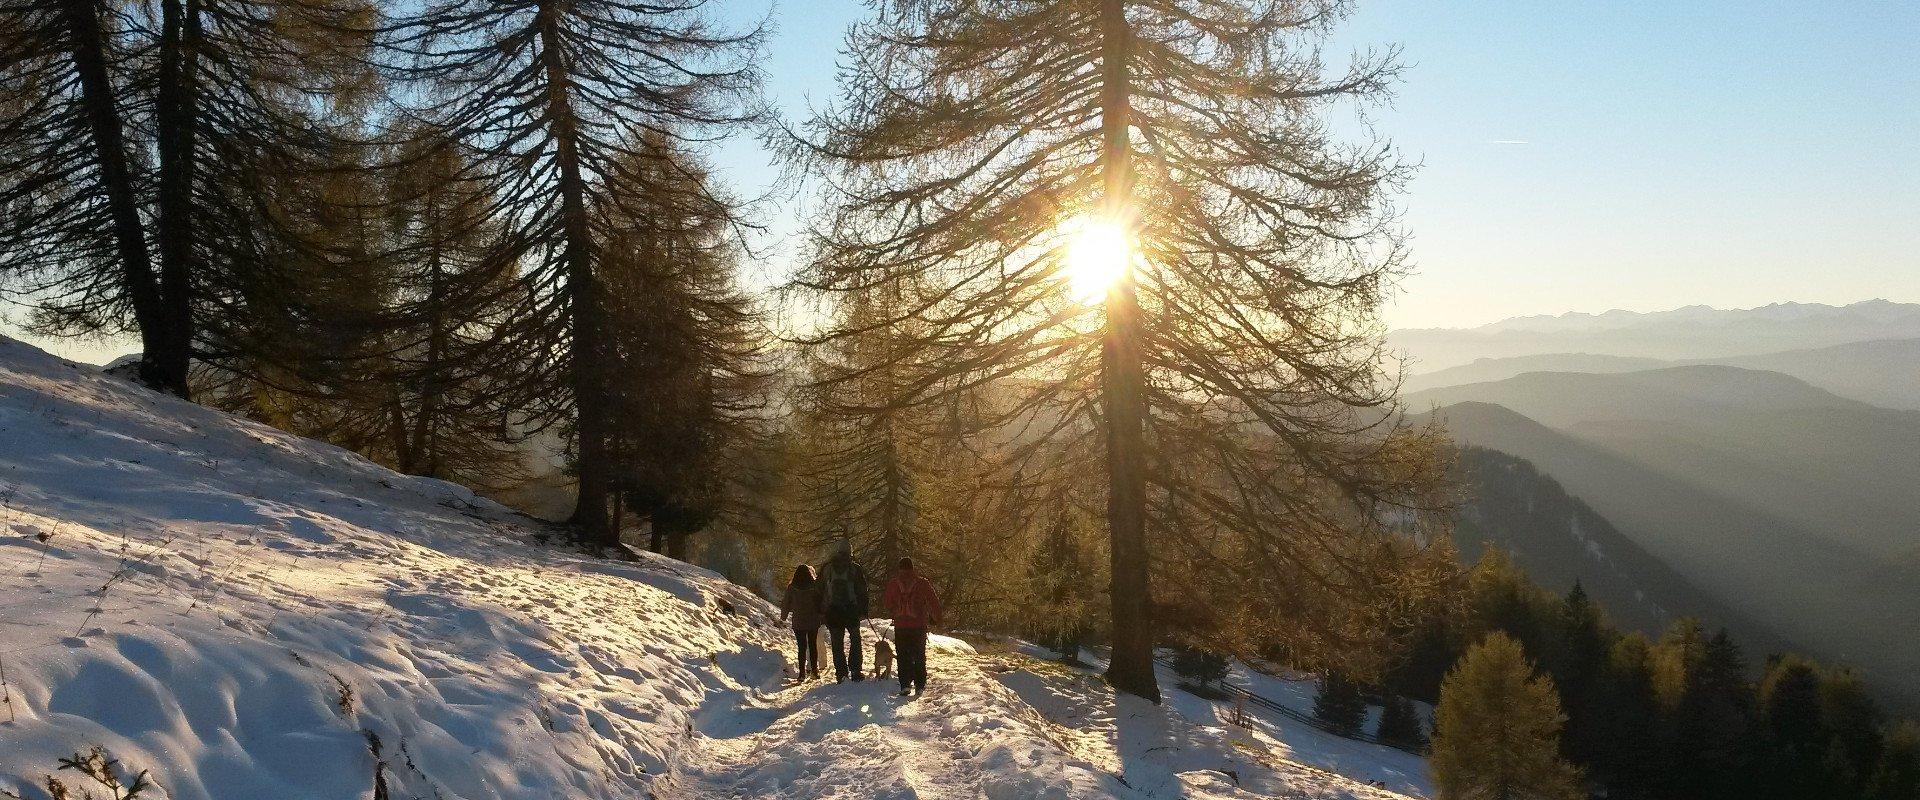 urlaub-bauernhof-dolomiten-winter-wintersonne